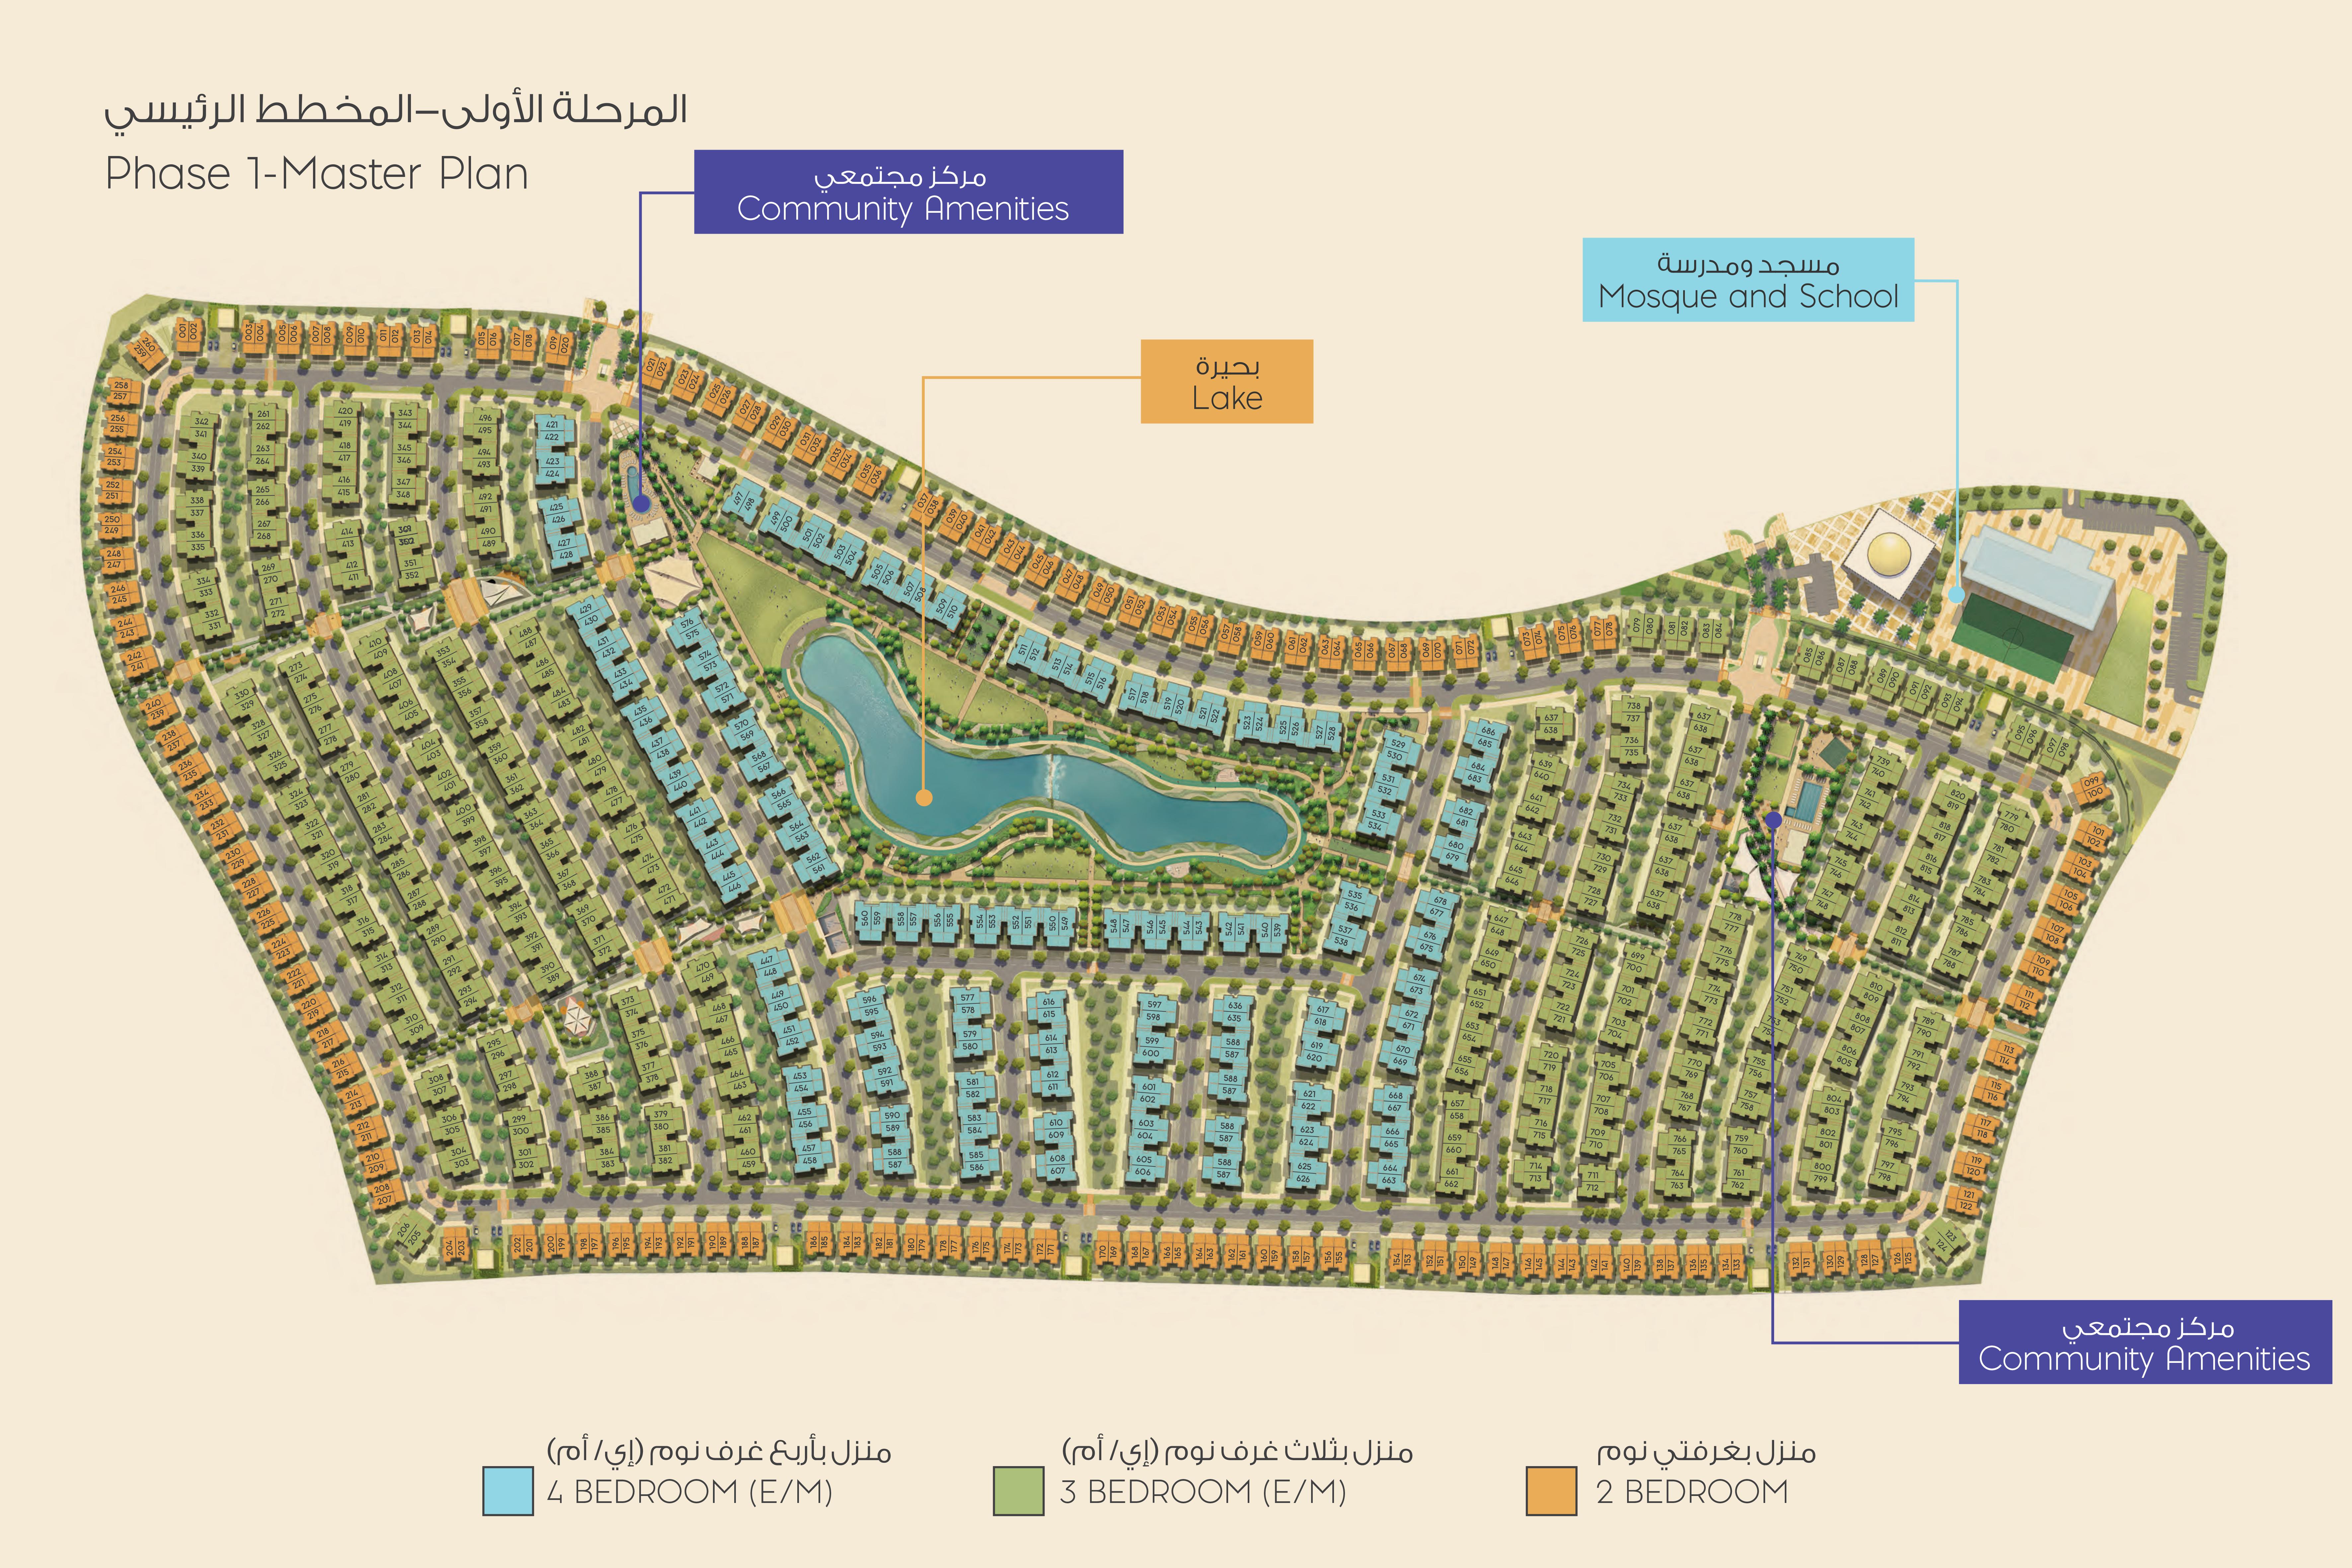 Saadiyat-Lagoons Master Plan